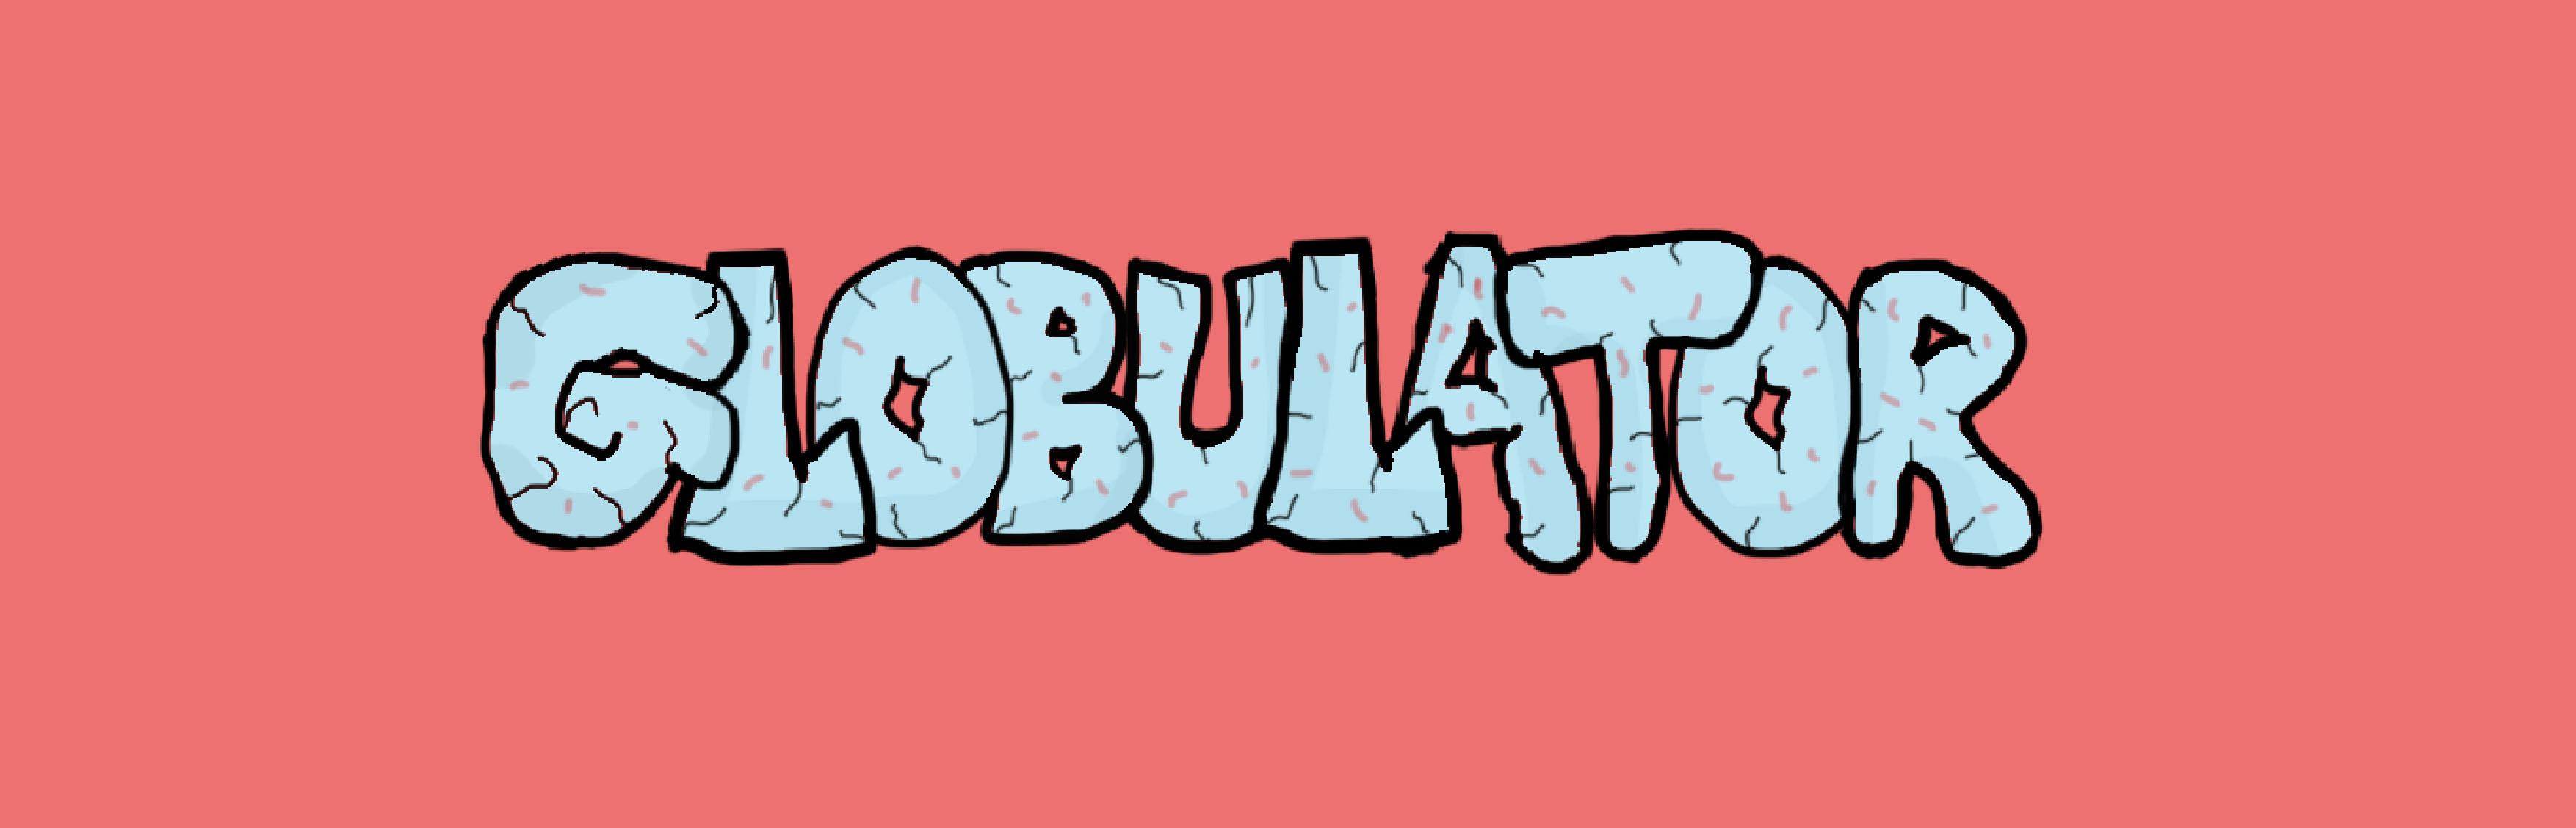 Globulator